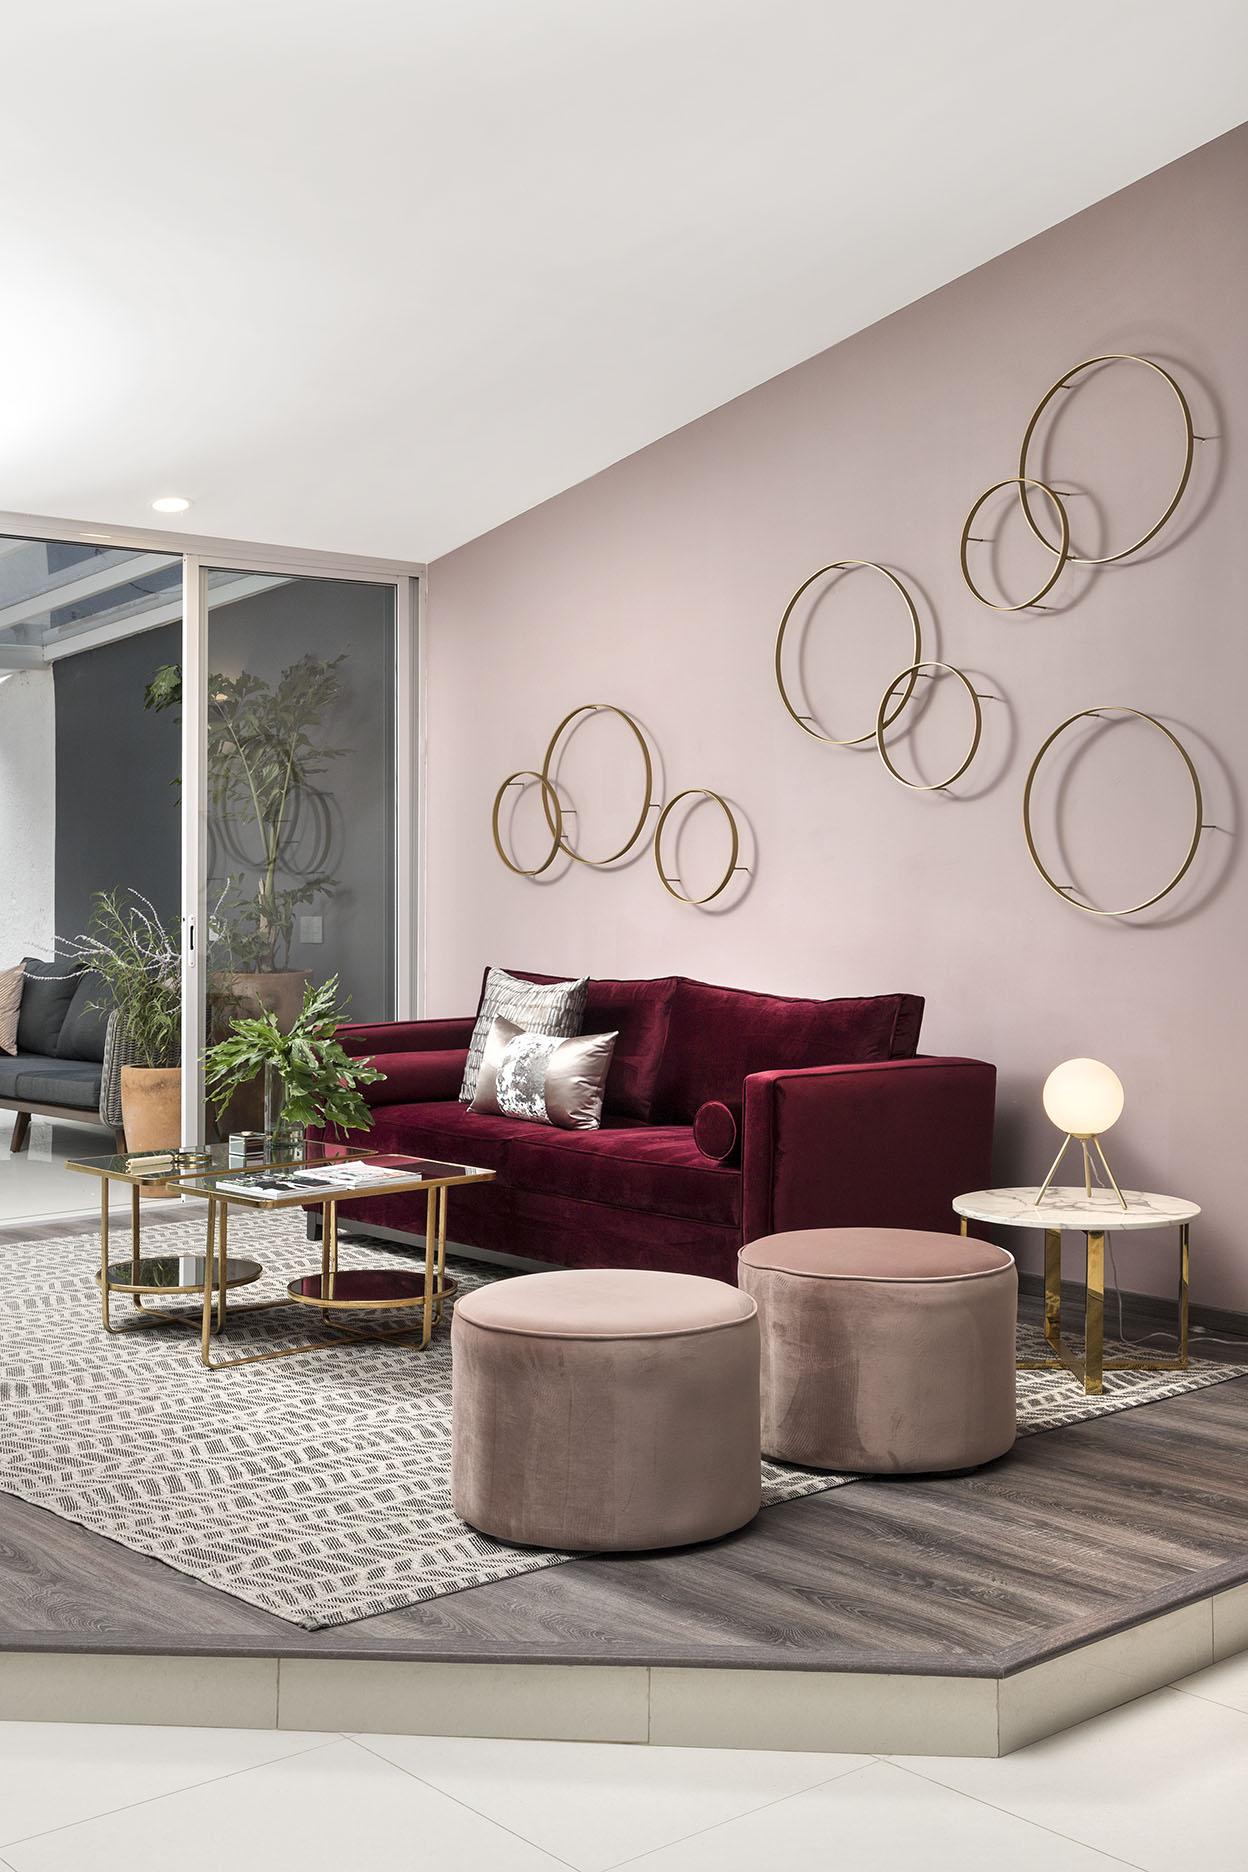 Home: 'Casa Patria'.  Residencia conceptual para Airbnb con elaboración de muebles 'Made to Measure' exclusivos,  Zapopan, JAL, MX